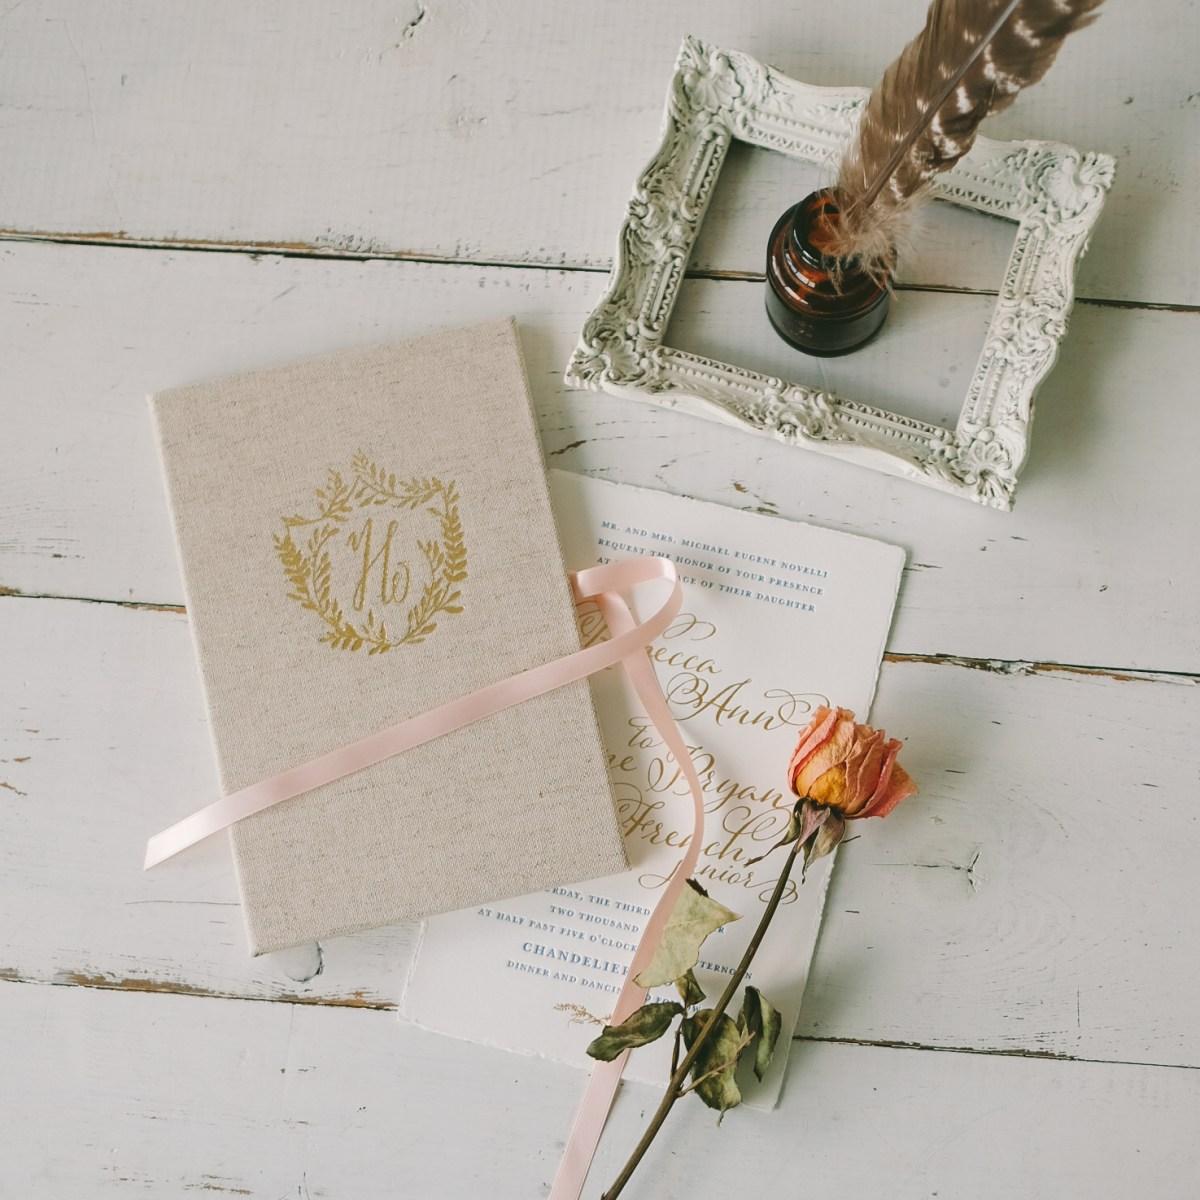 Wedding Invitation Keepsake Wedding Invitation Keepsake Book Custom Made Blue Sky Papers